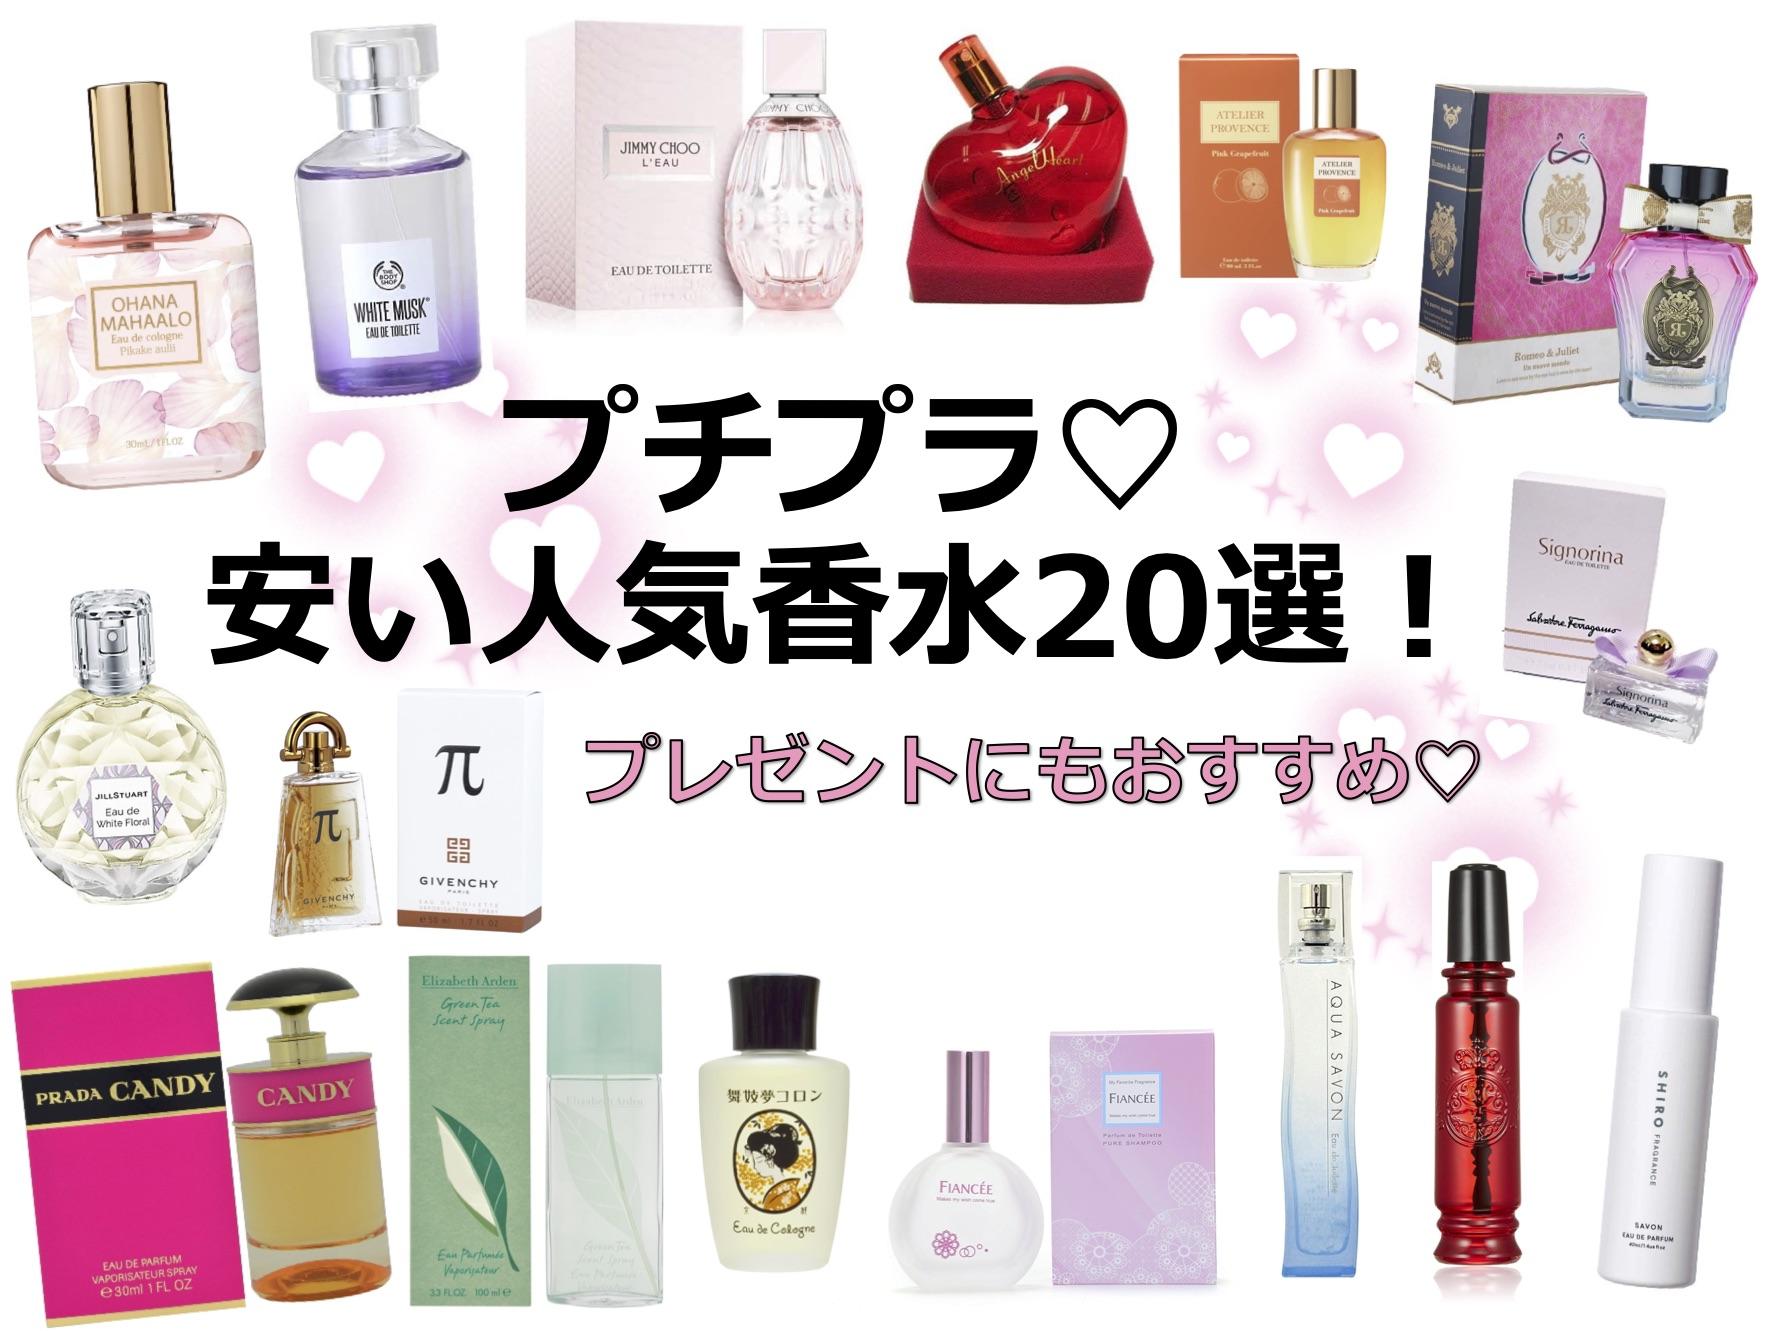 【最新】プチプラで安い人気の香水20選を紹介!プレゼントにもおすすめ♡ アイキャッチ画像